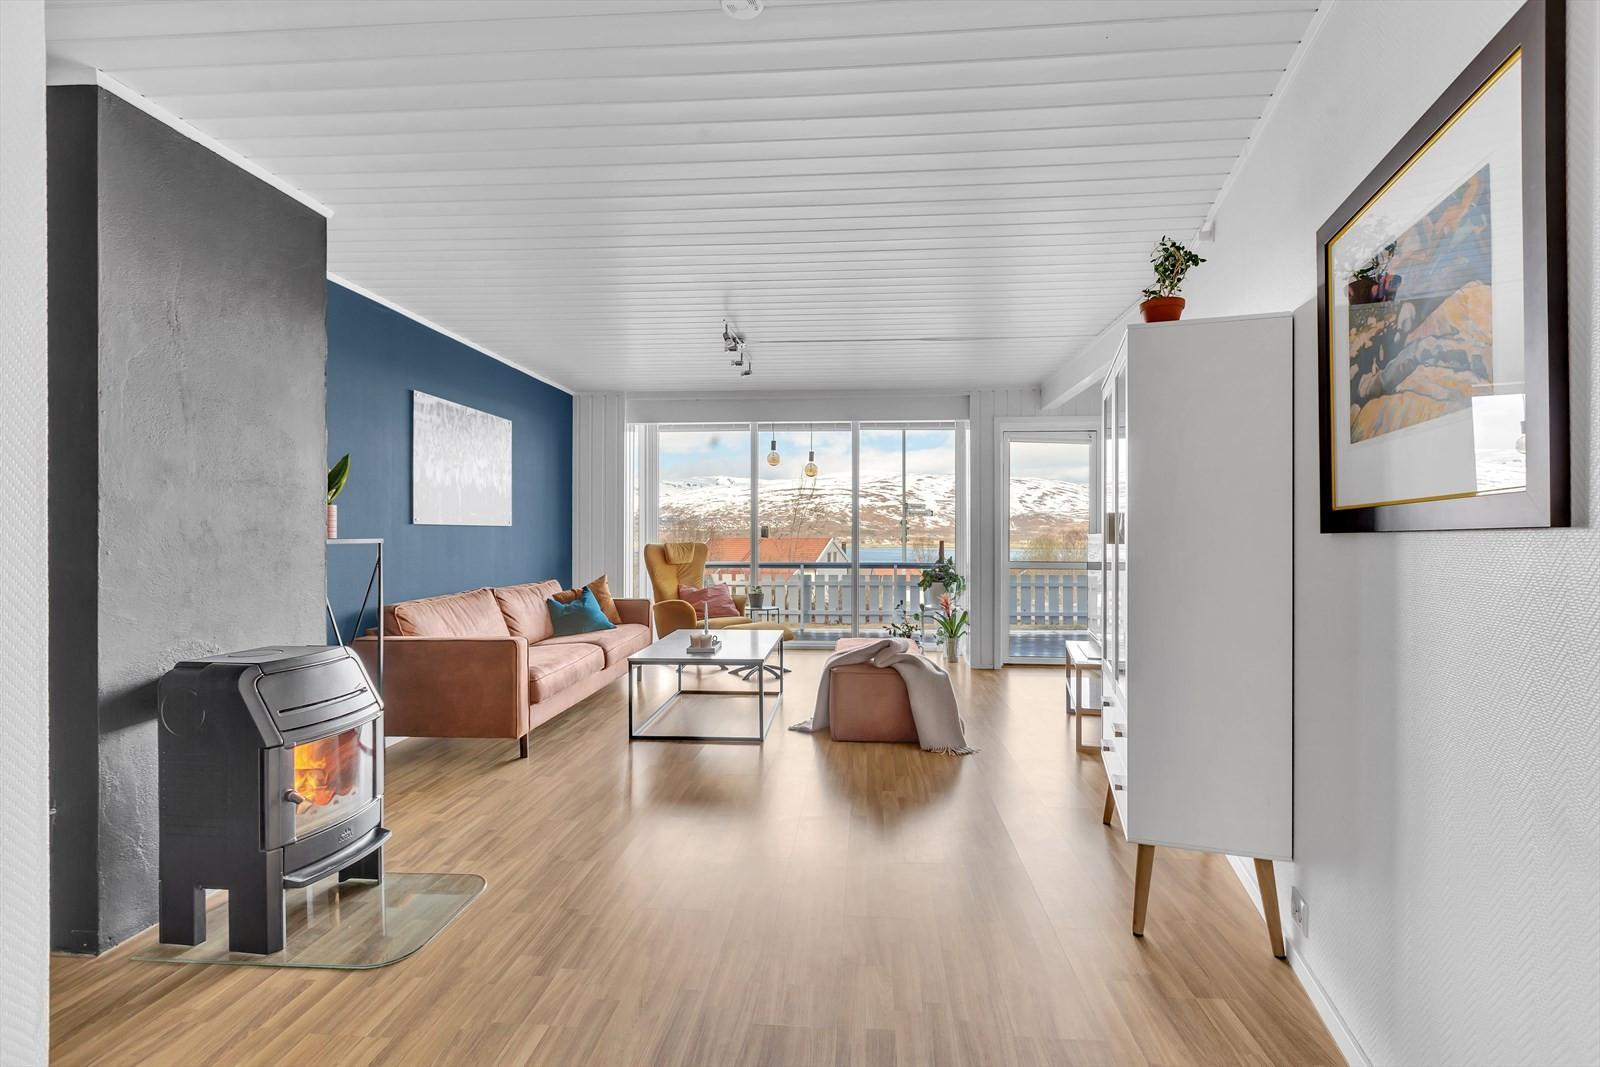 Pen og romslig 3-roms med flott utsikt, carport og terrasse.